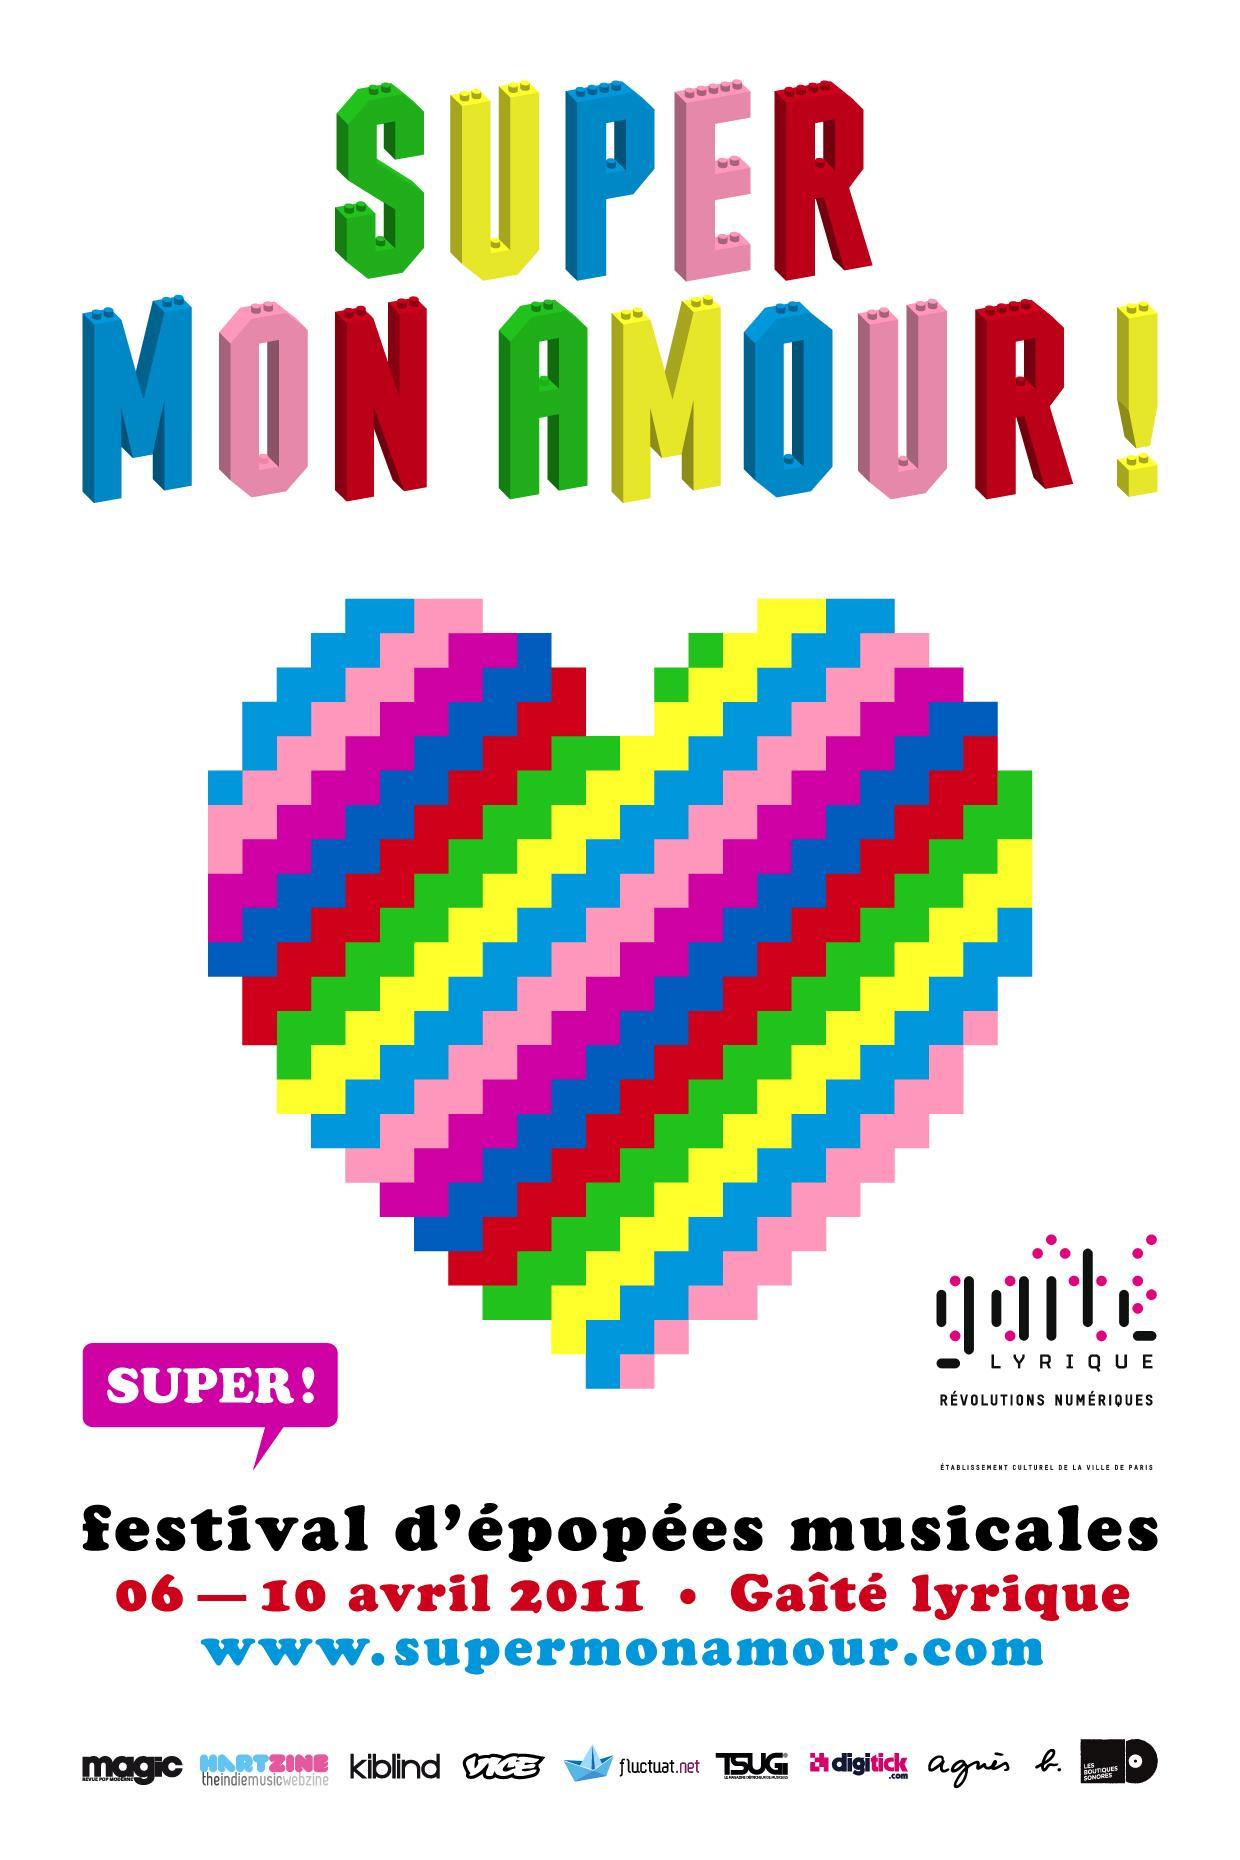 http://www.hartzine.com/wp-content/uploads/2011/03/super-mon-amour-e-flyer-paris.jpg